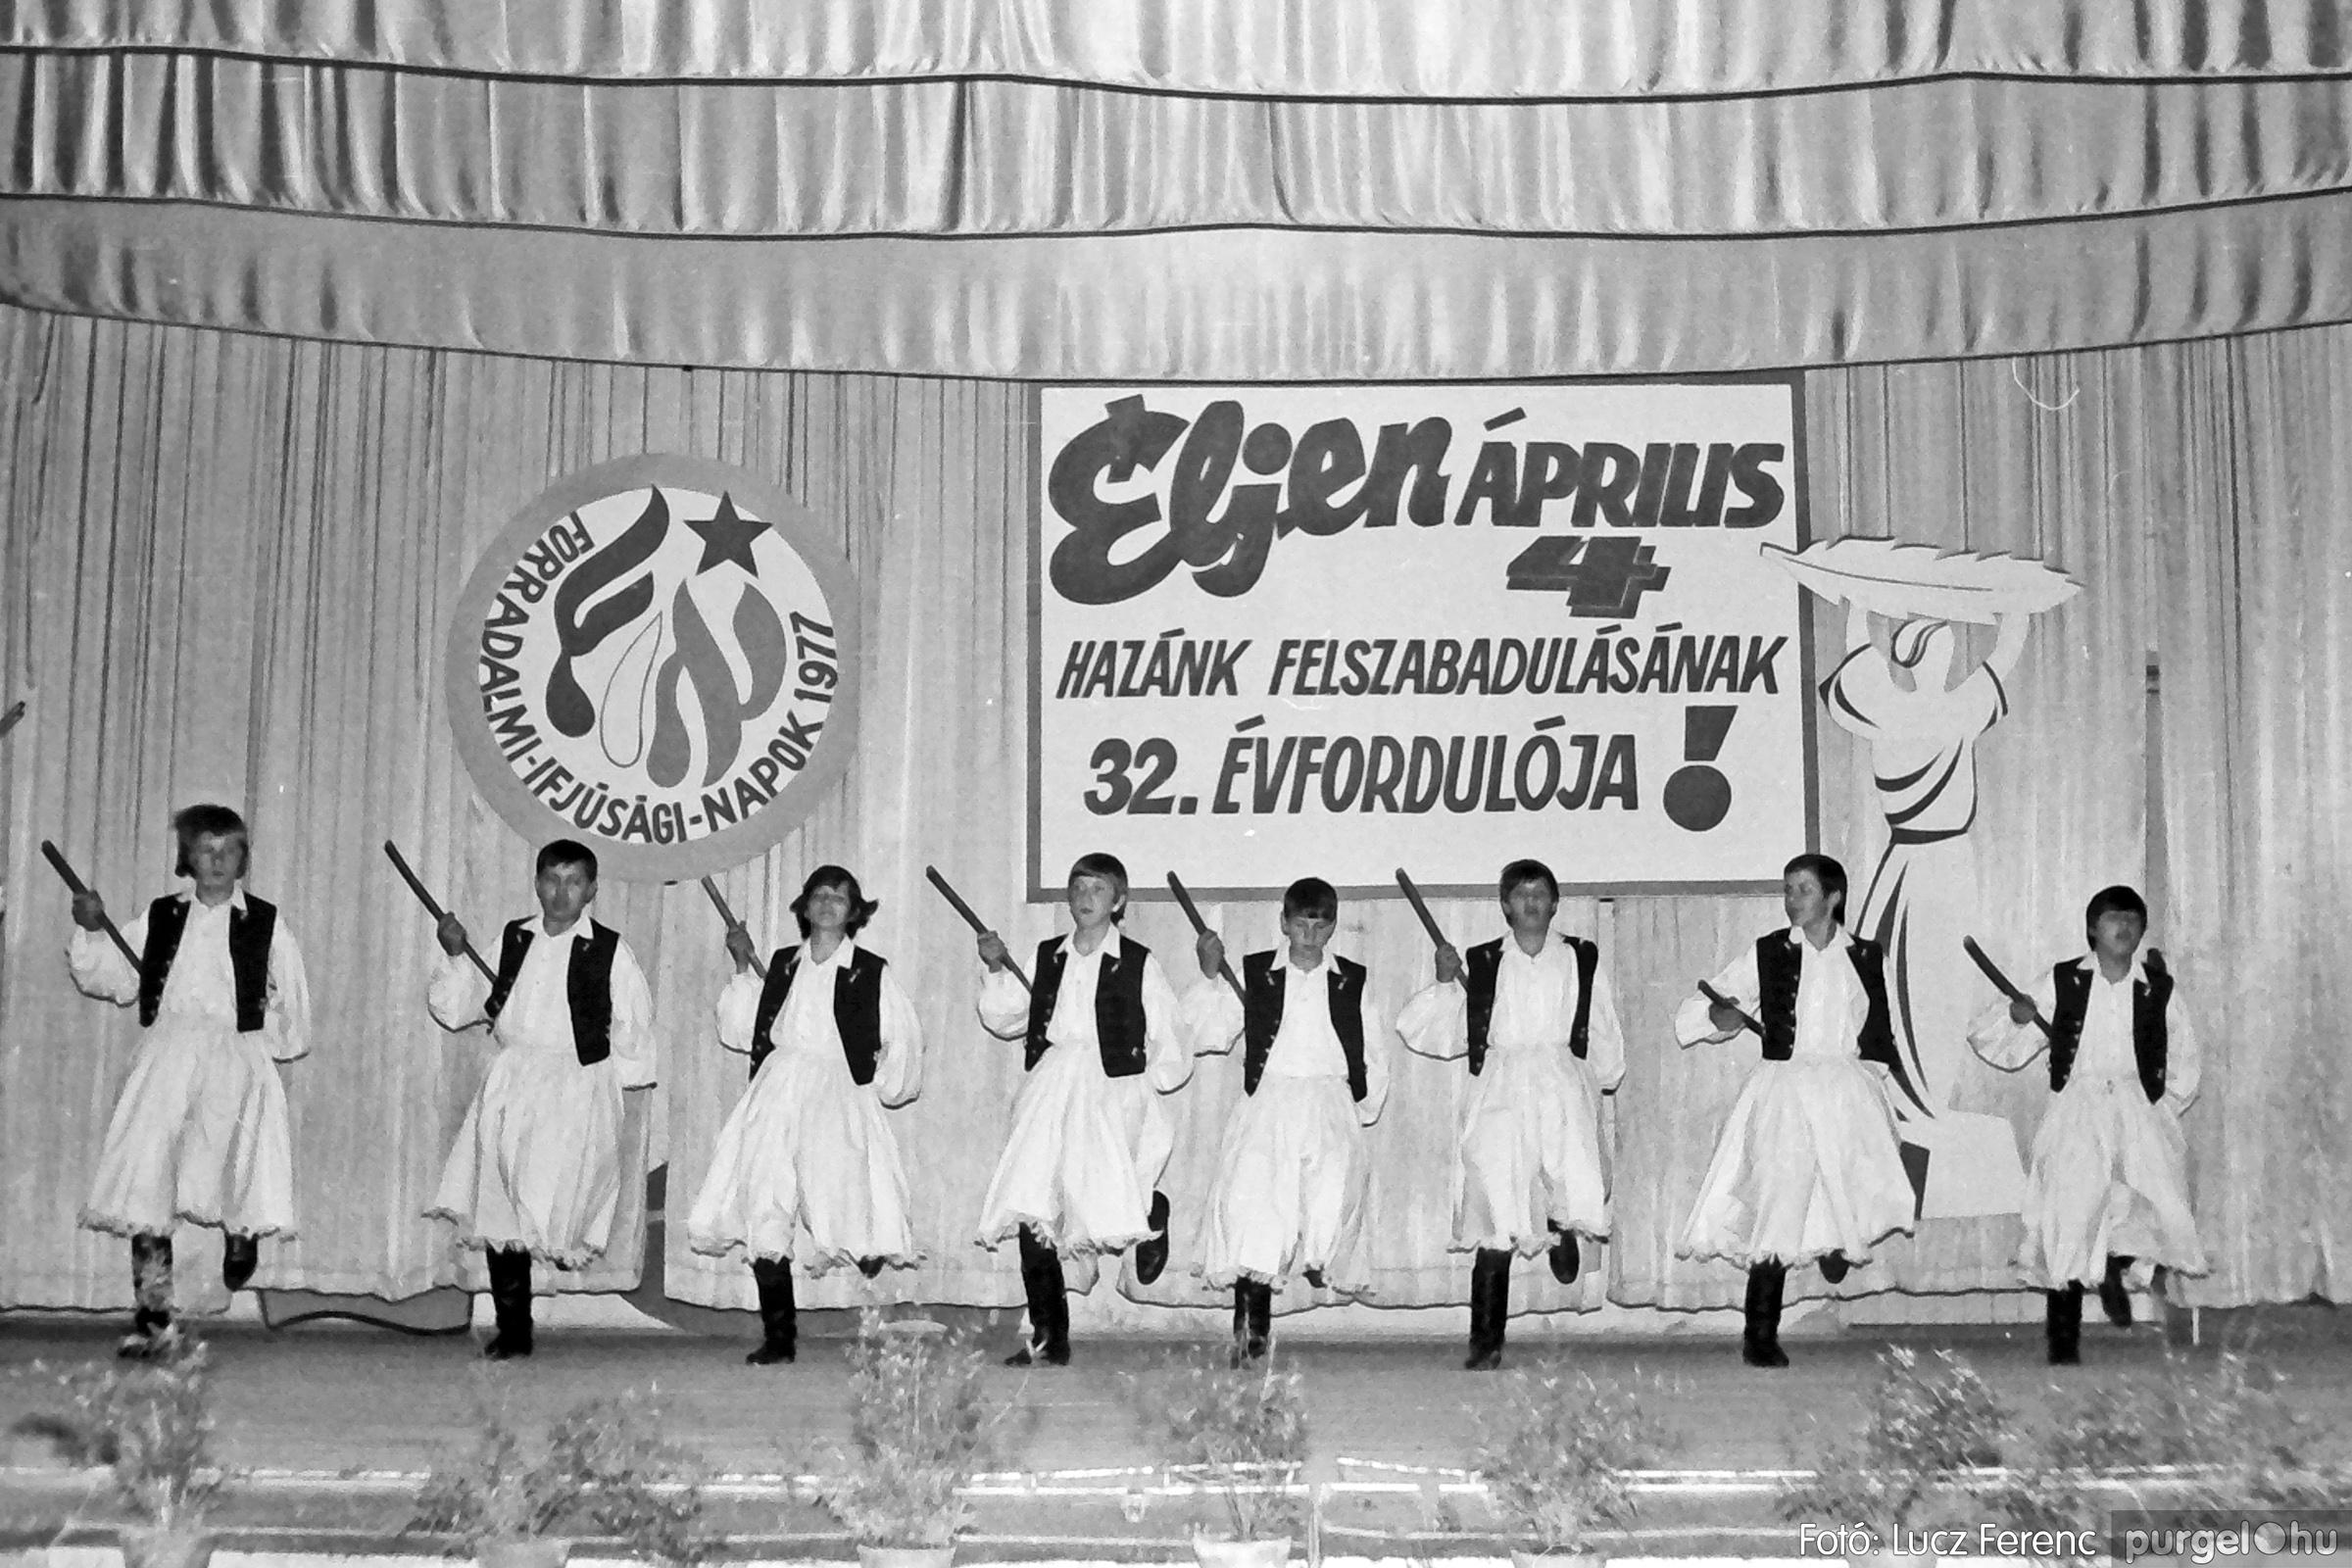 078. 1977.04.04. Április 4-i ünnepség 045. - Fotó: Lucz Ferenc.jpg